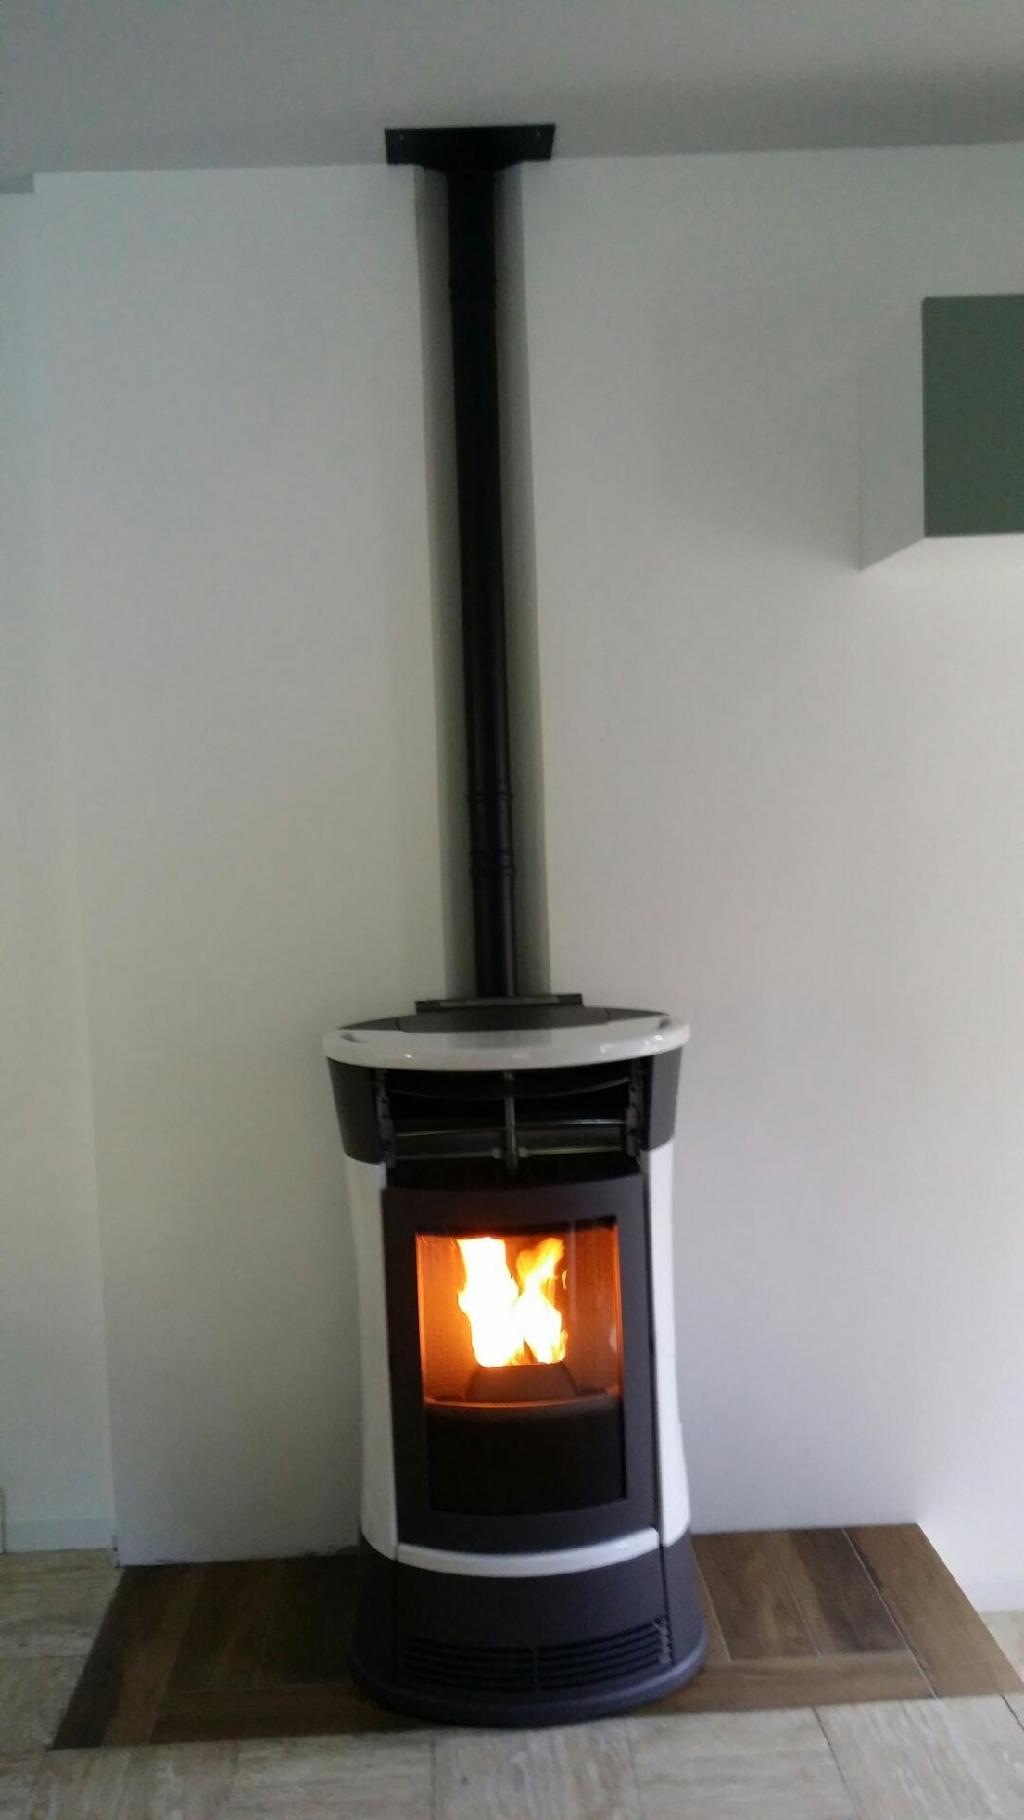 installation d 39 un po le granul s de bois pellets logo. Black Bedroom Furniture Sets. Home Design Ideas